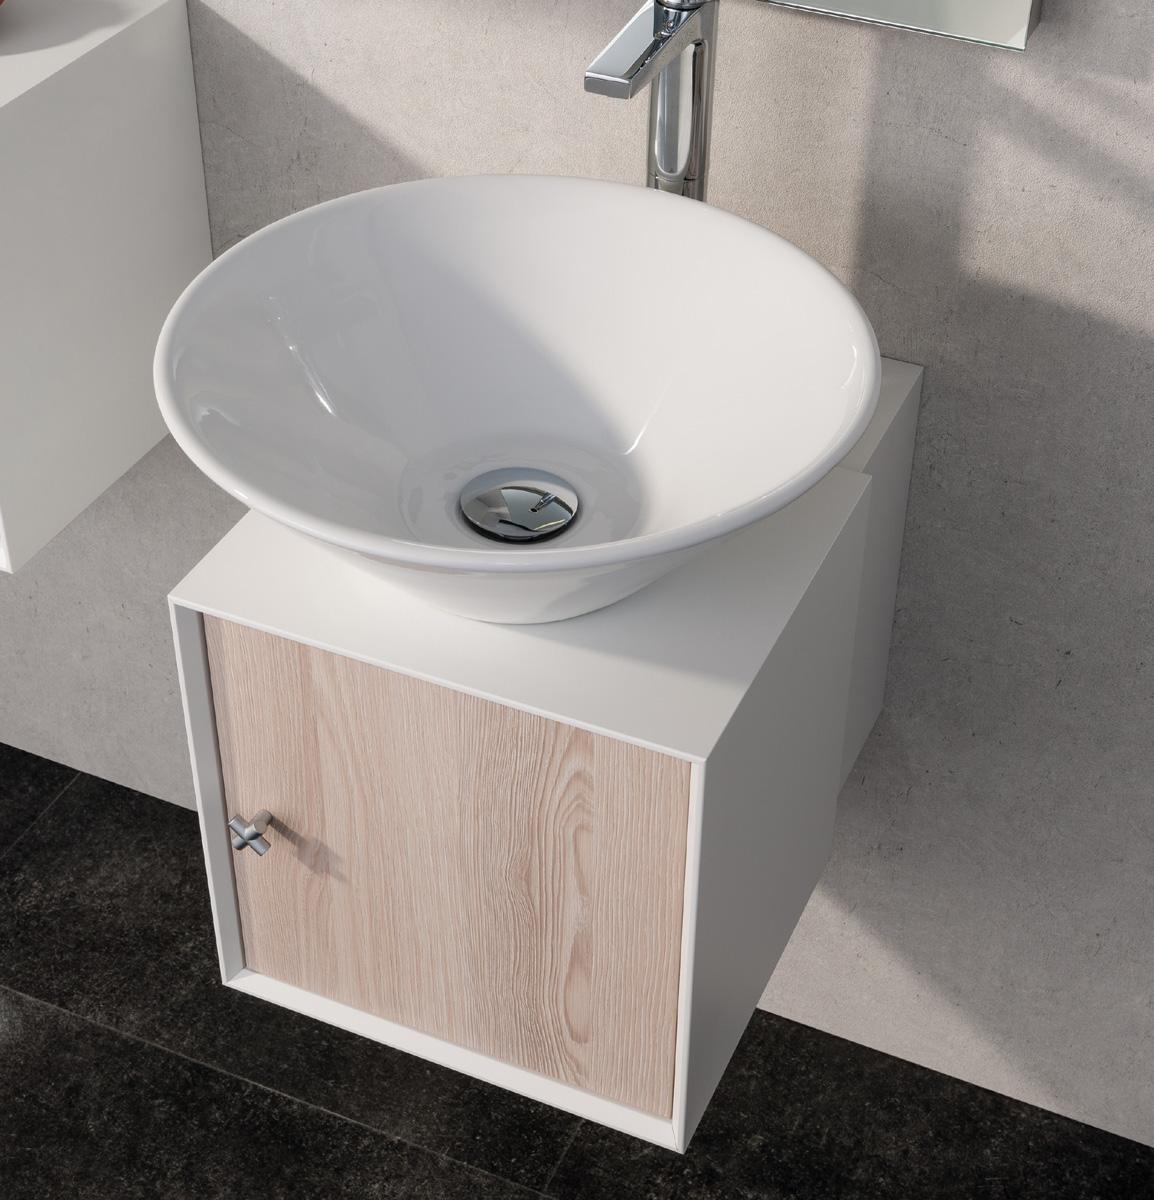 fackelmann ix badm bel set g ste wc set 1 alaska esche neu ebay. Black Bedroom Furniture Sets. Home Design Ideas